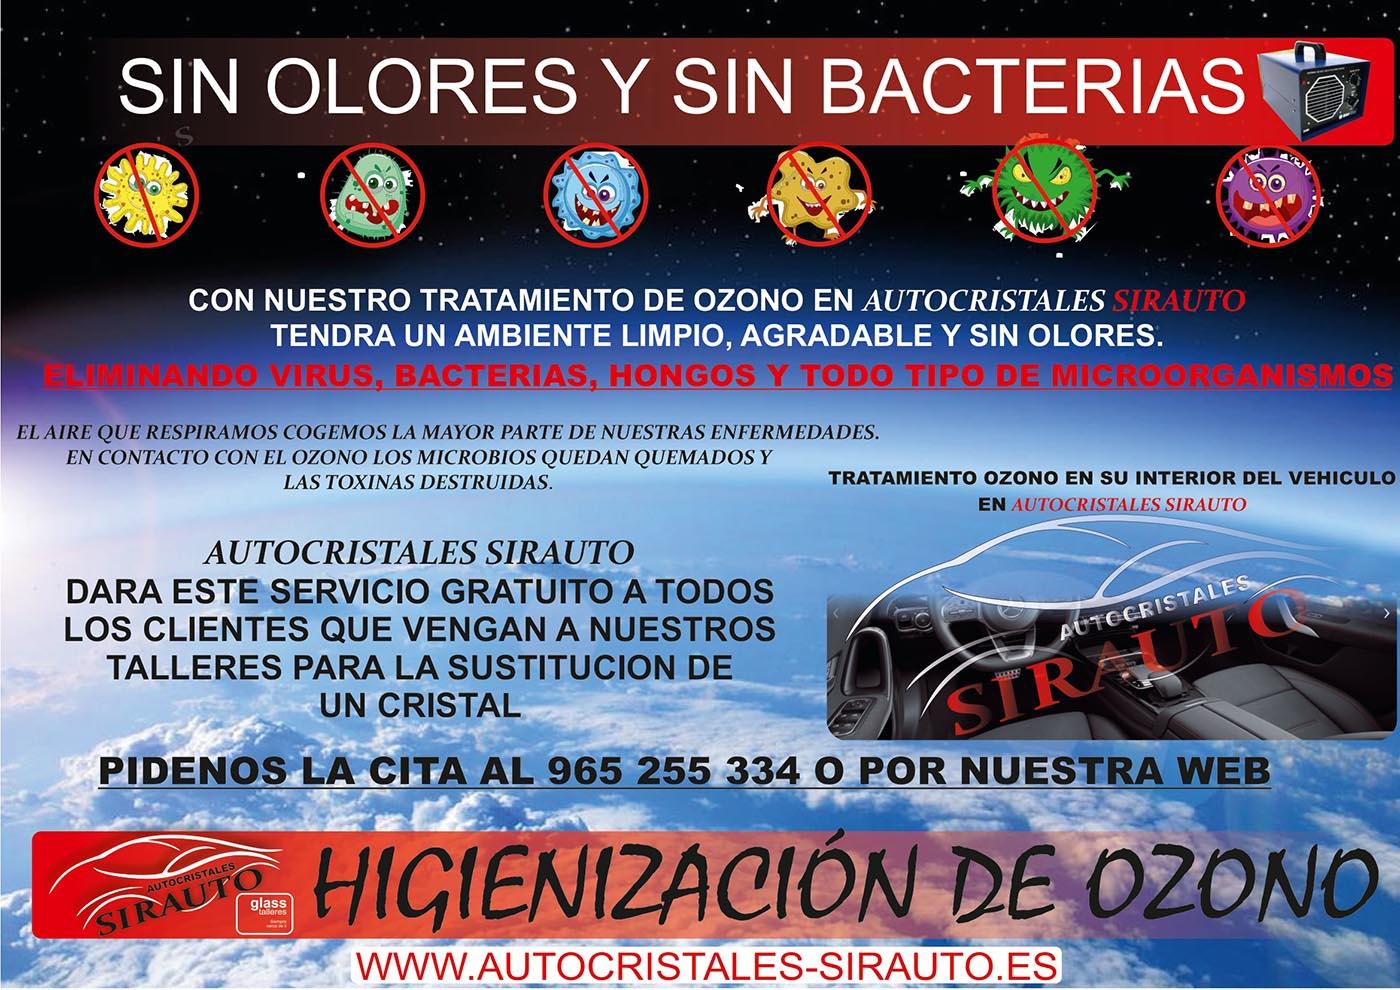 higienización de ozono con agentes de seguros